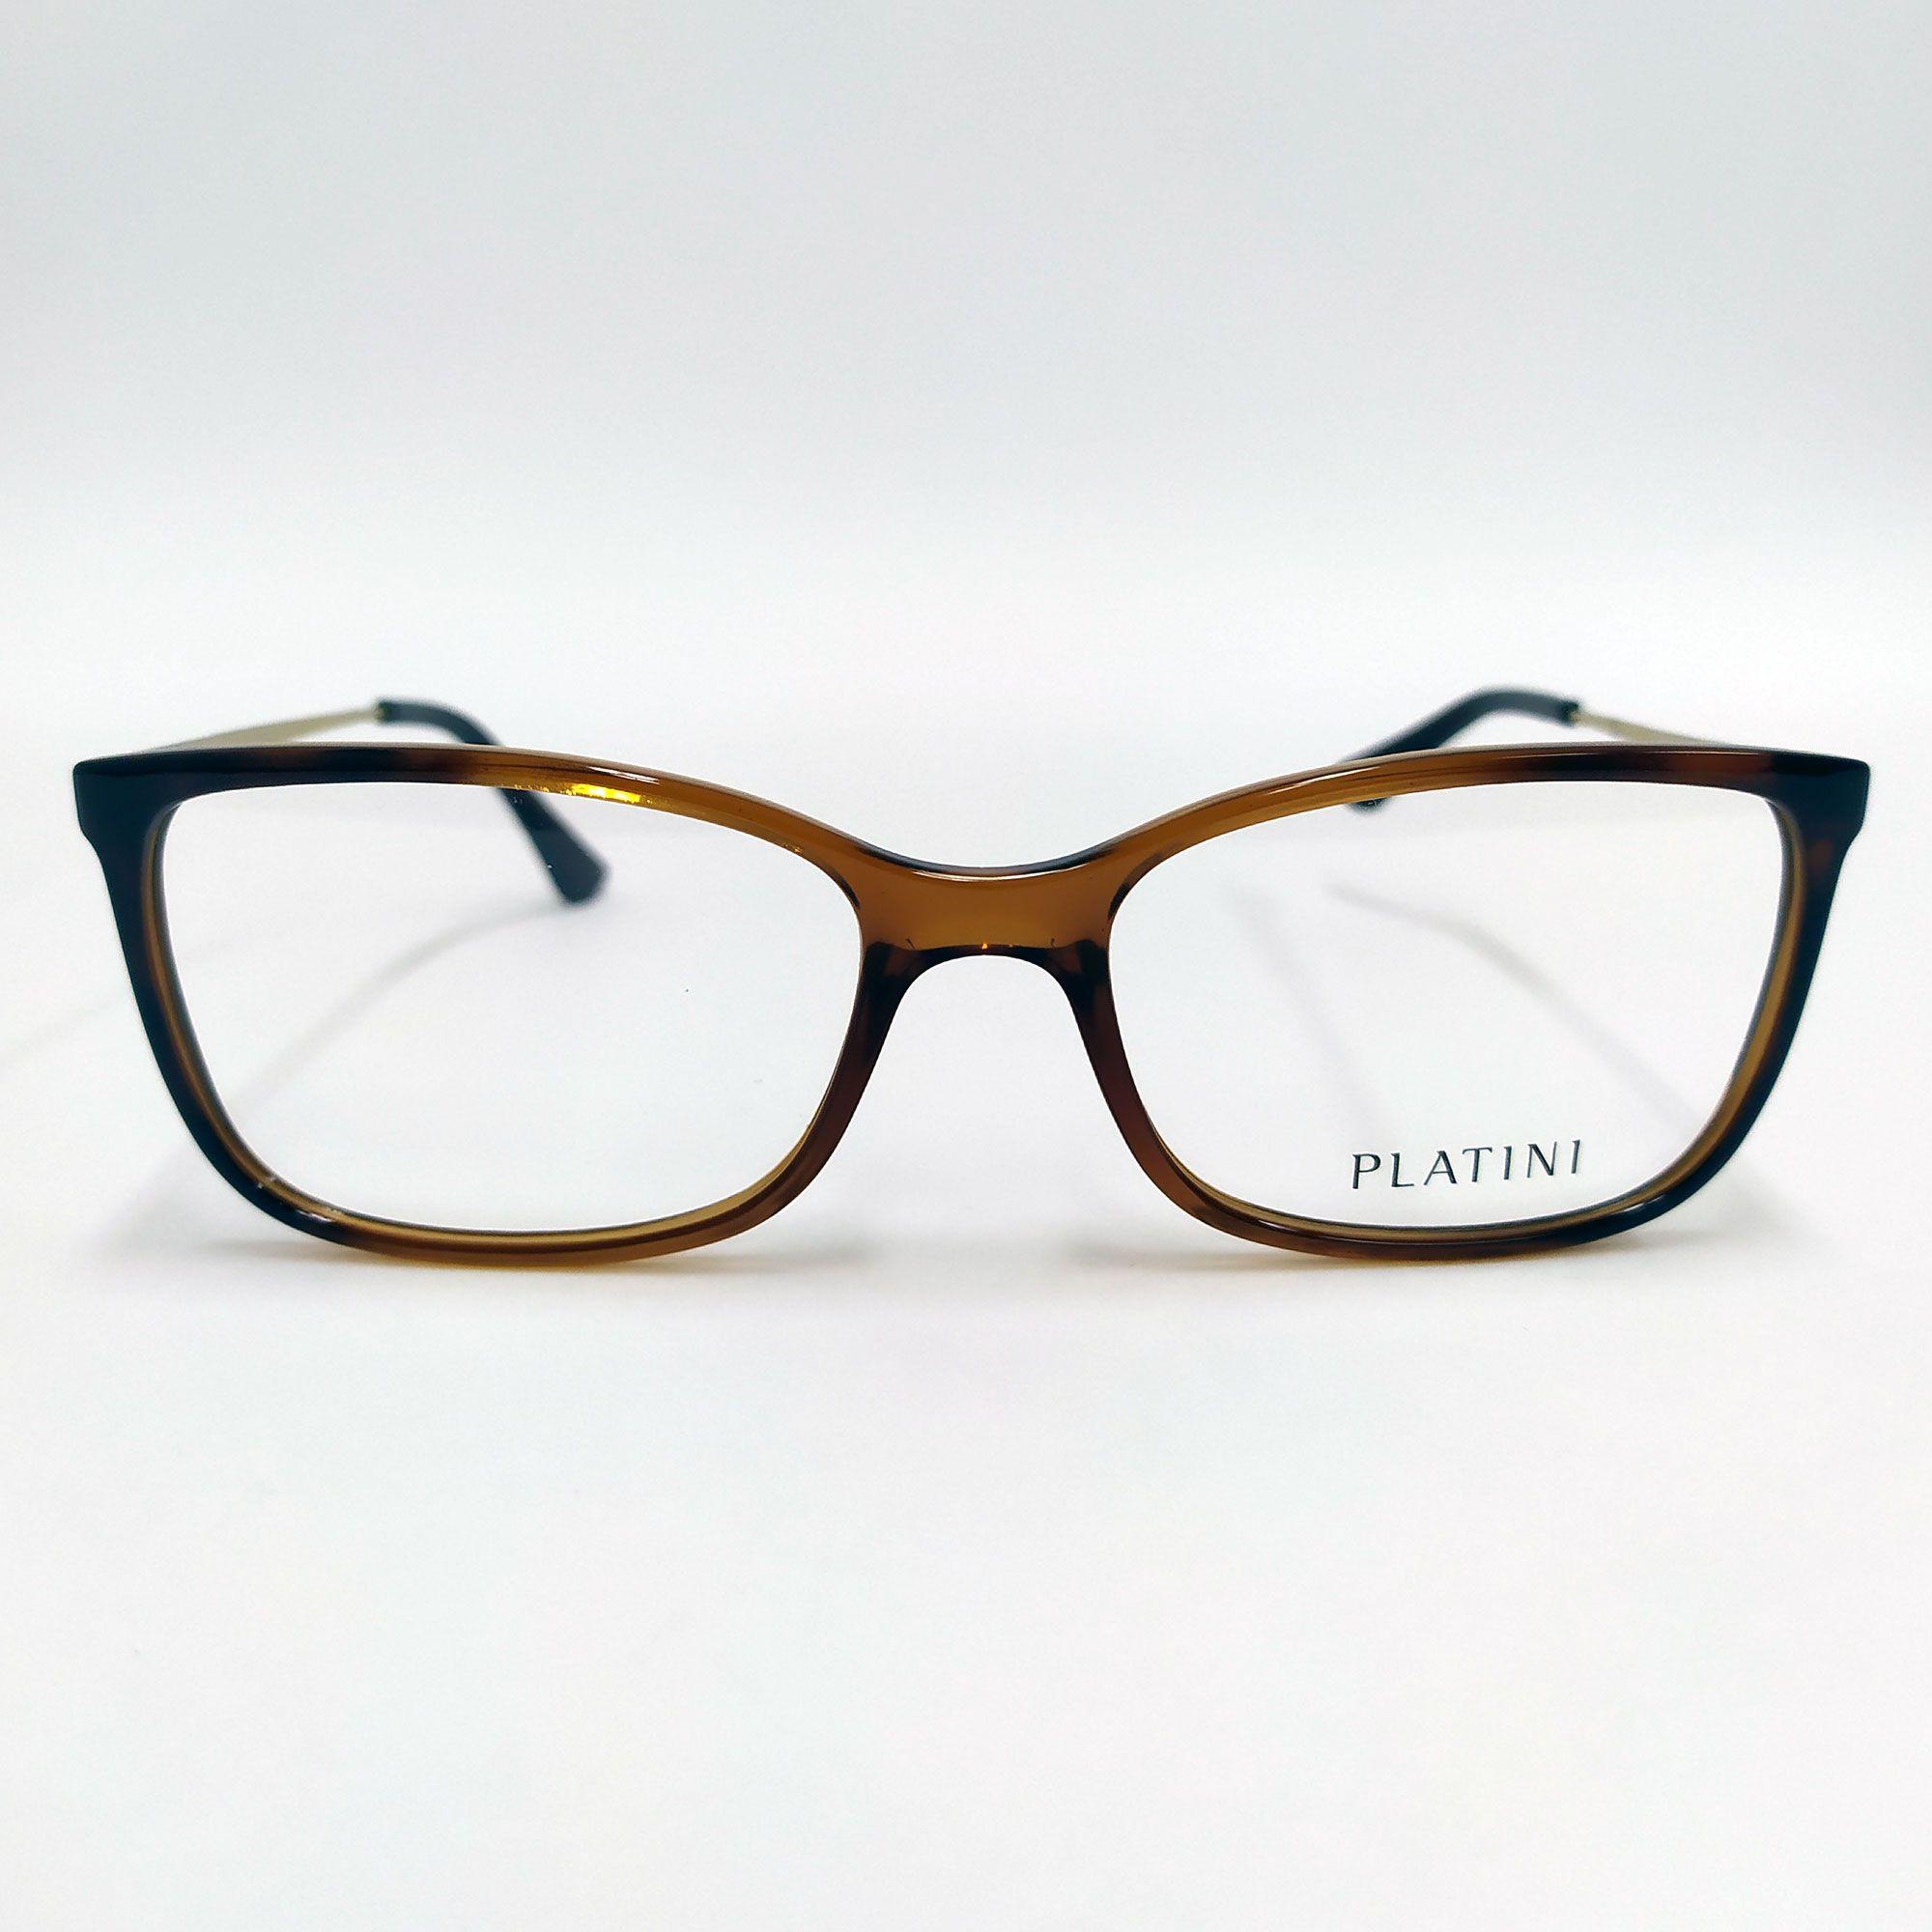 Óculos de Grau Platini Marrom P93152 G542